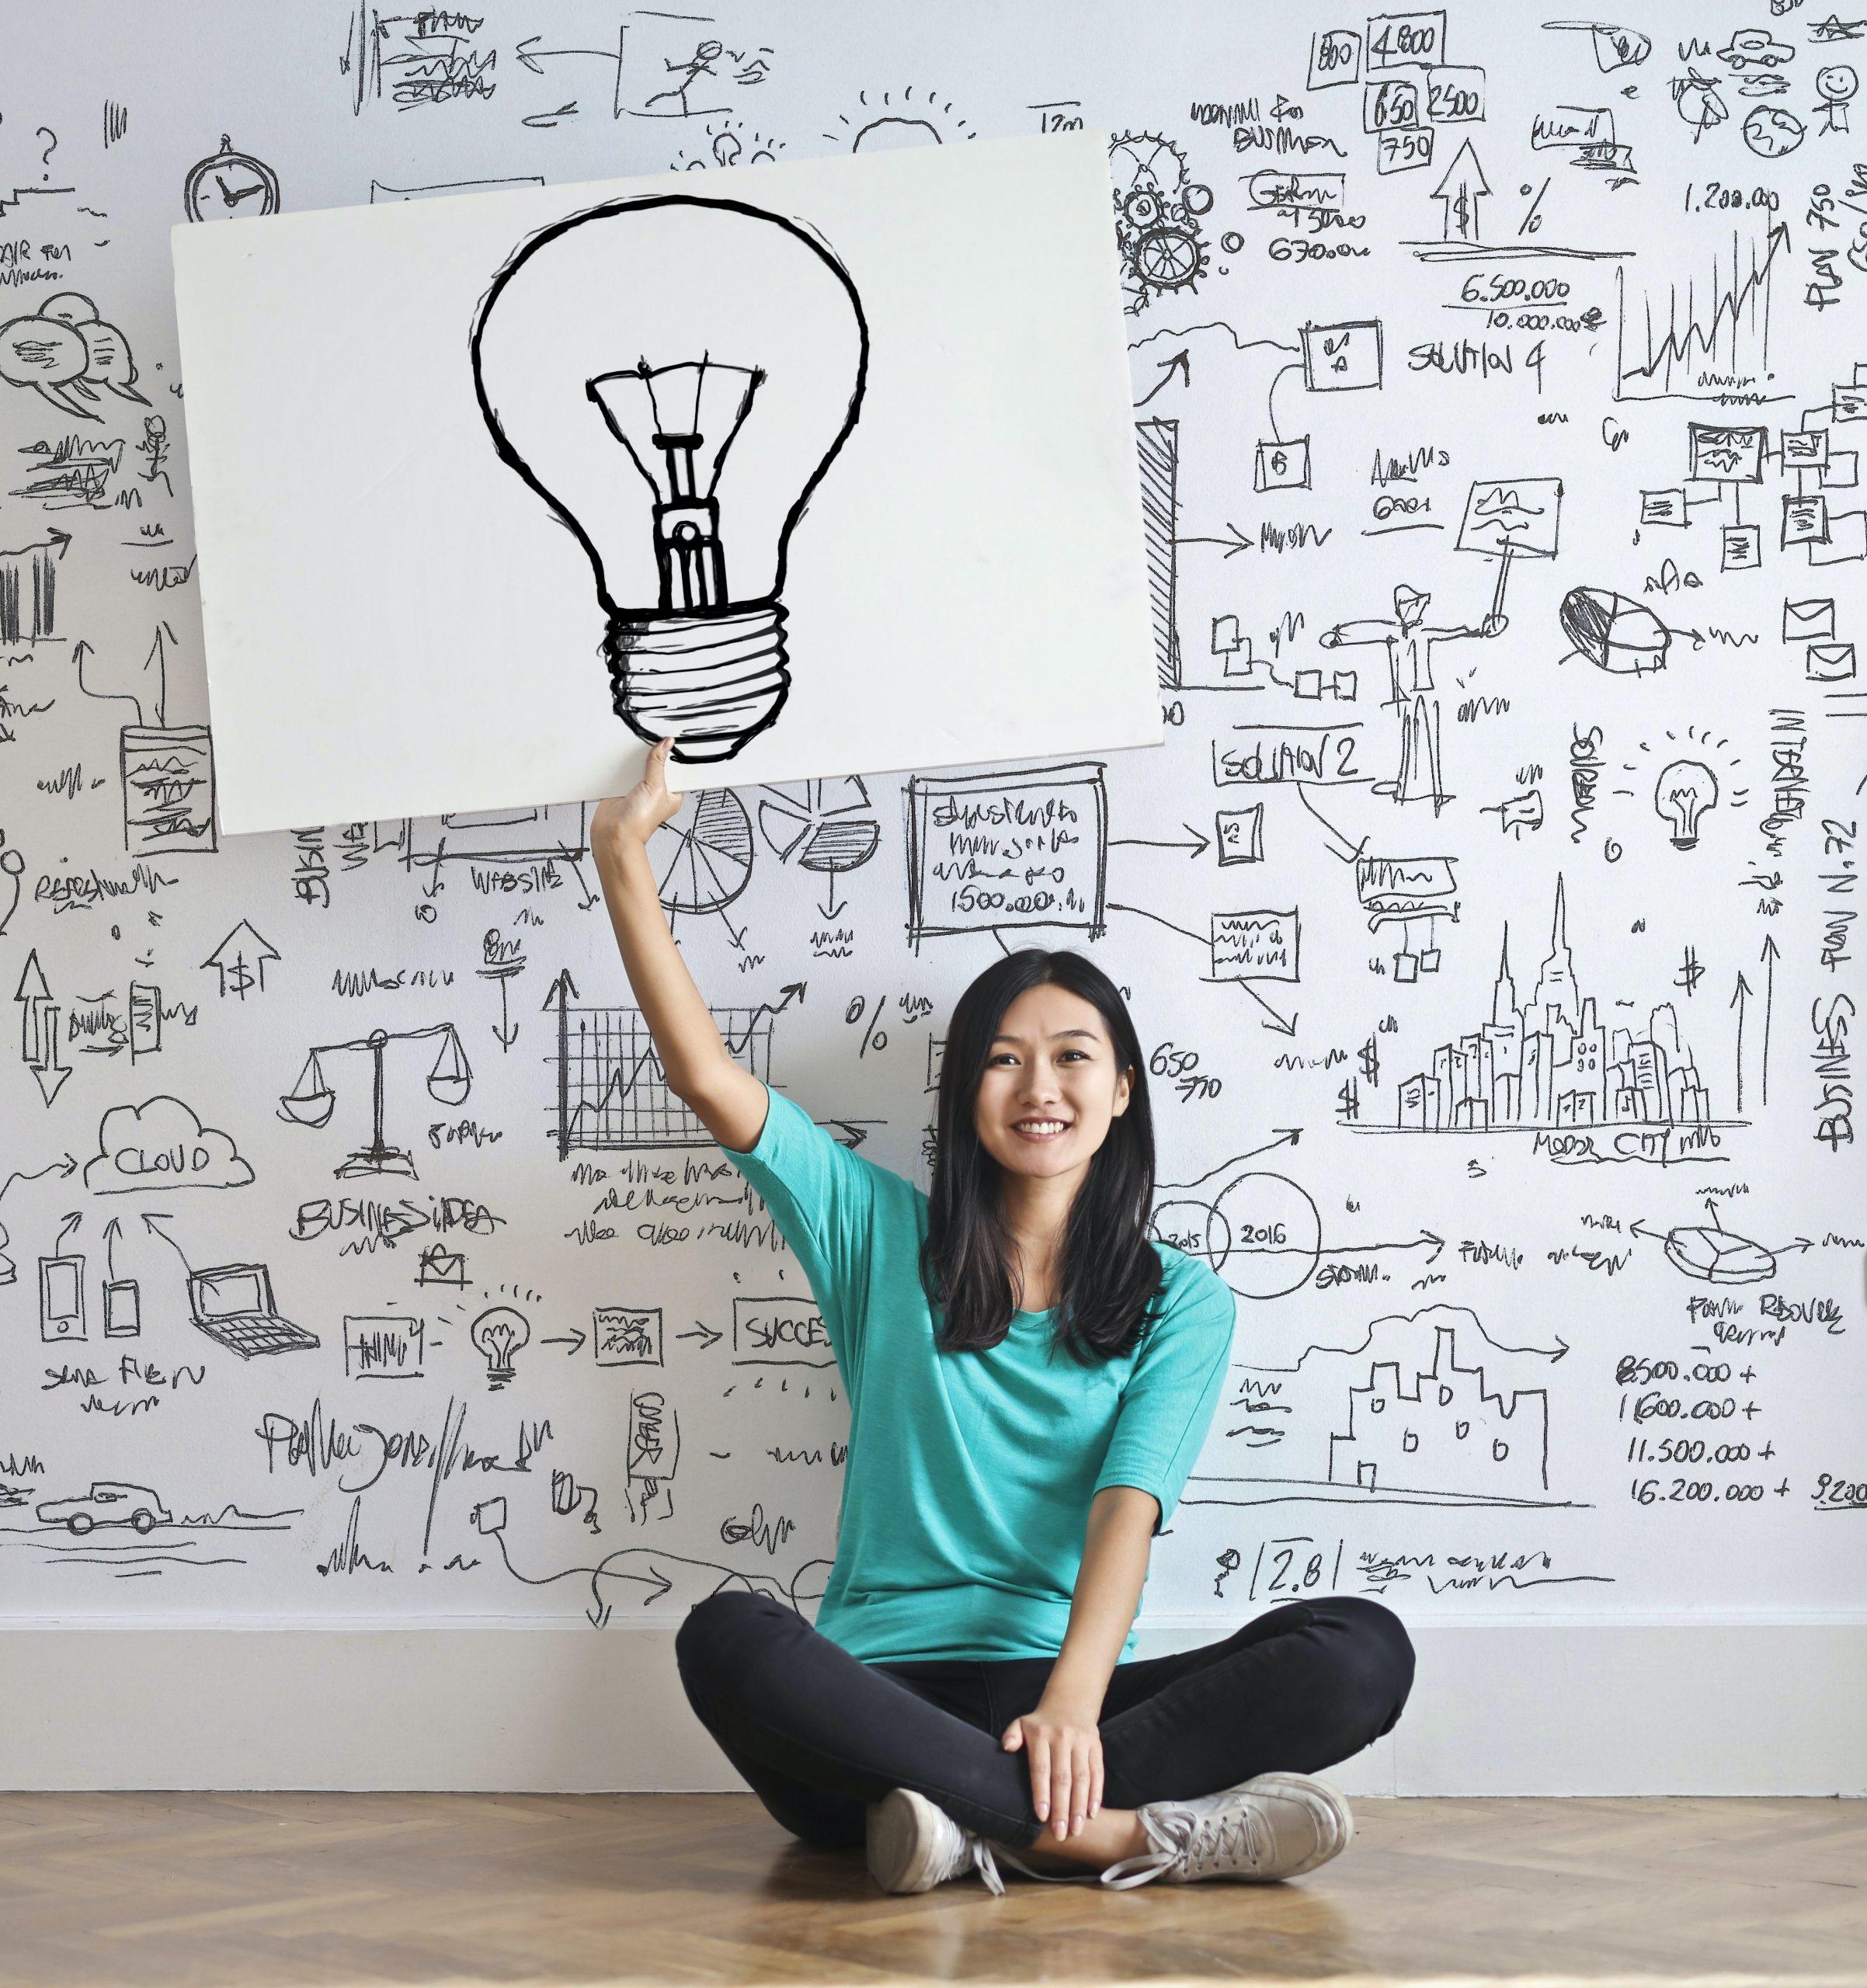 Trouver des idées, mobiliser ma créativité